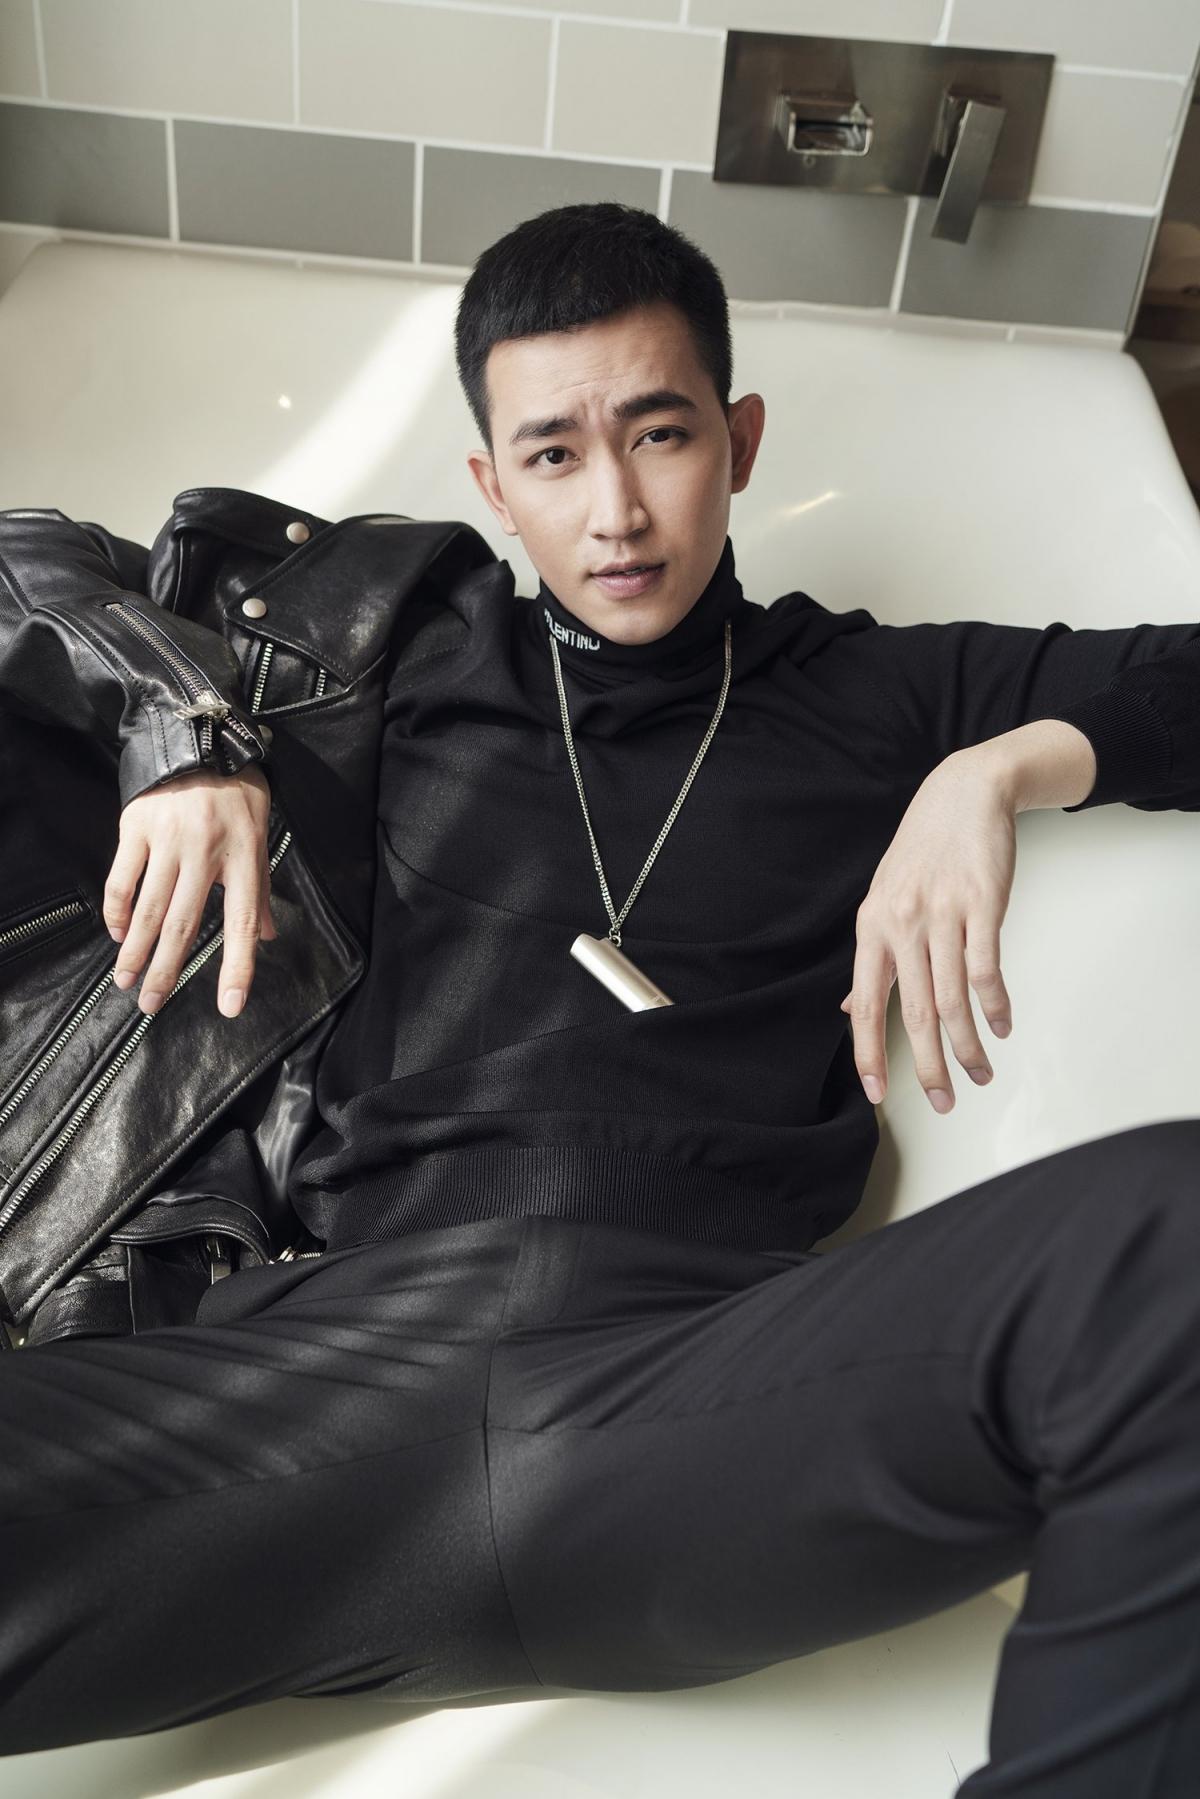 """Có thể thấy, Võ Cảnh được """"thiên phú"""" một ngoại hình đầy cuốn hút, xứng danh là một trong những """"nam thần"""" của showbiz Việt."""